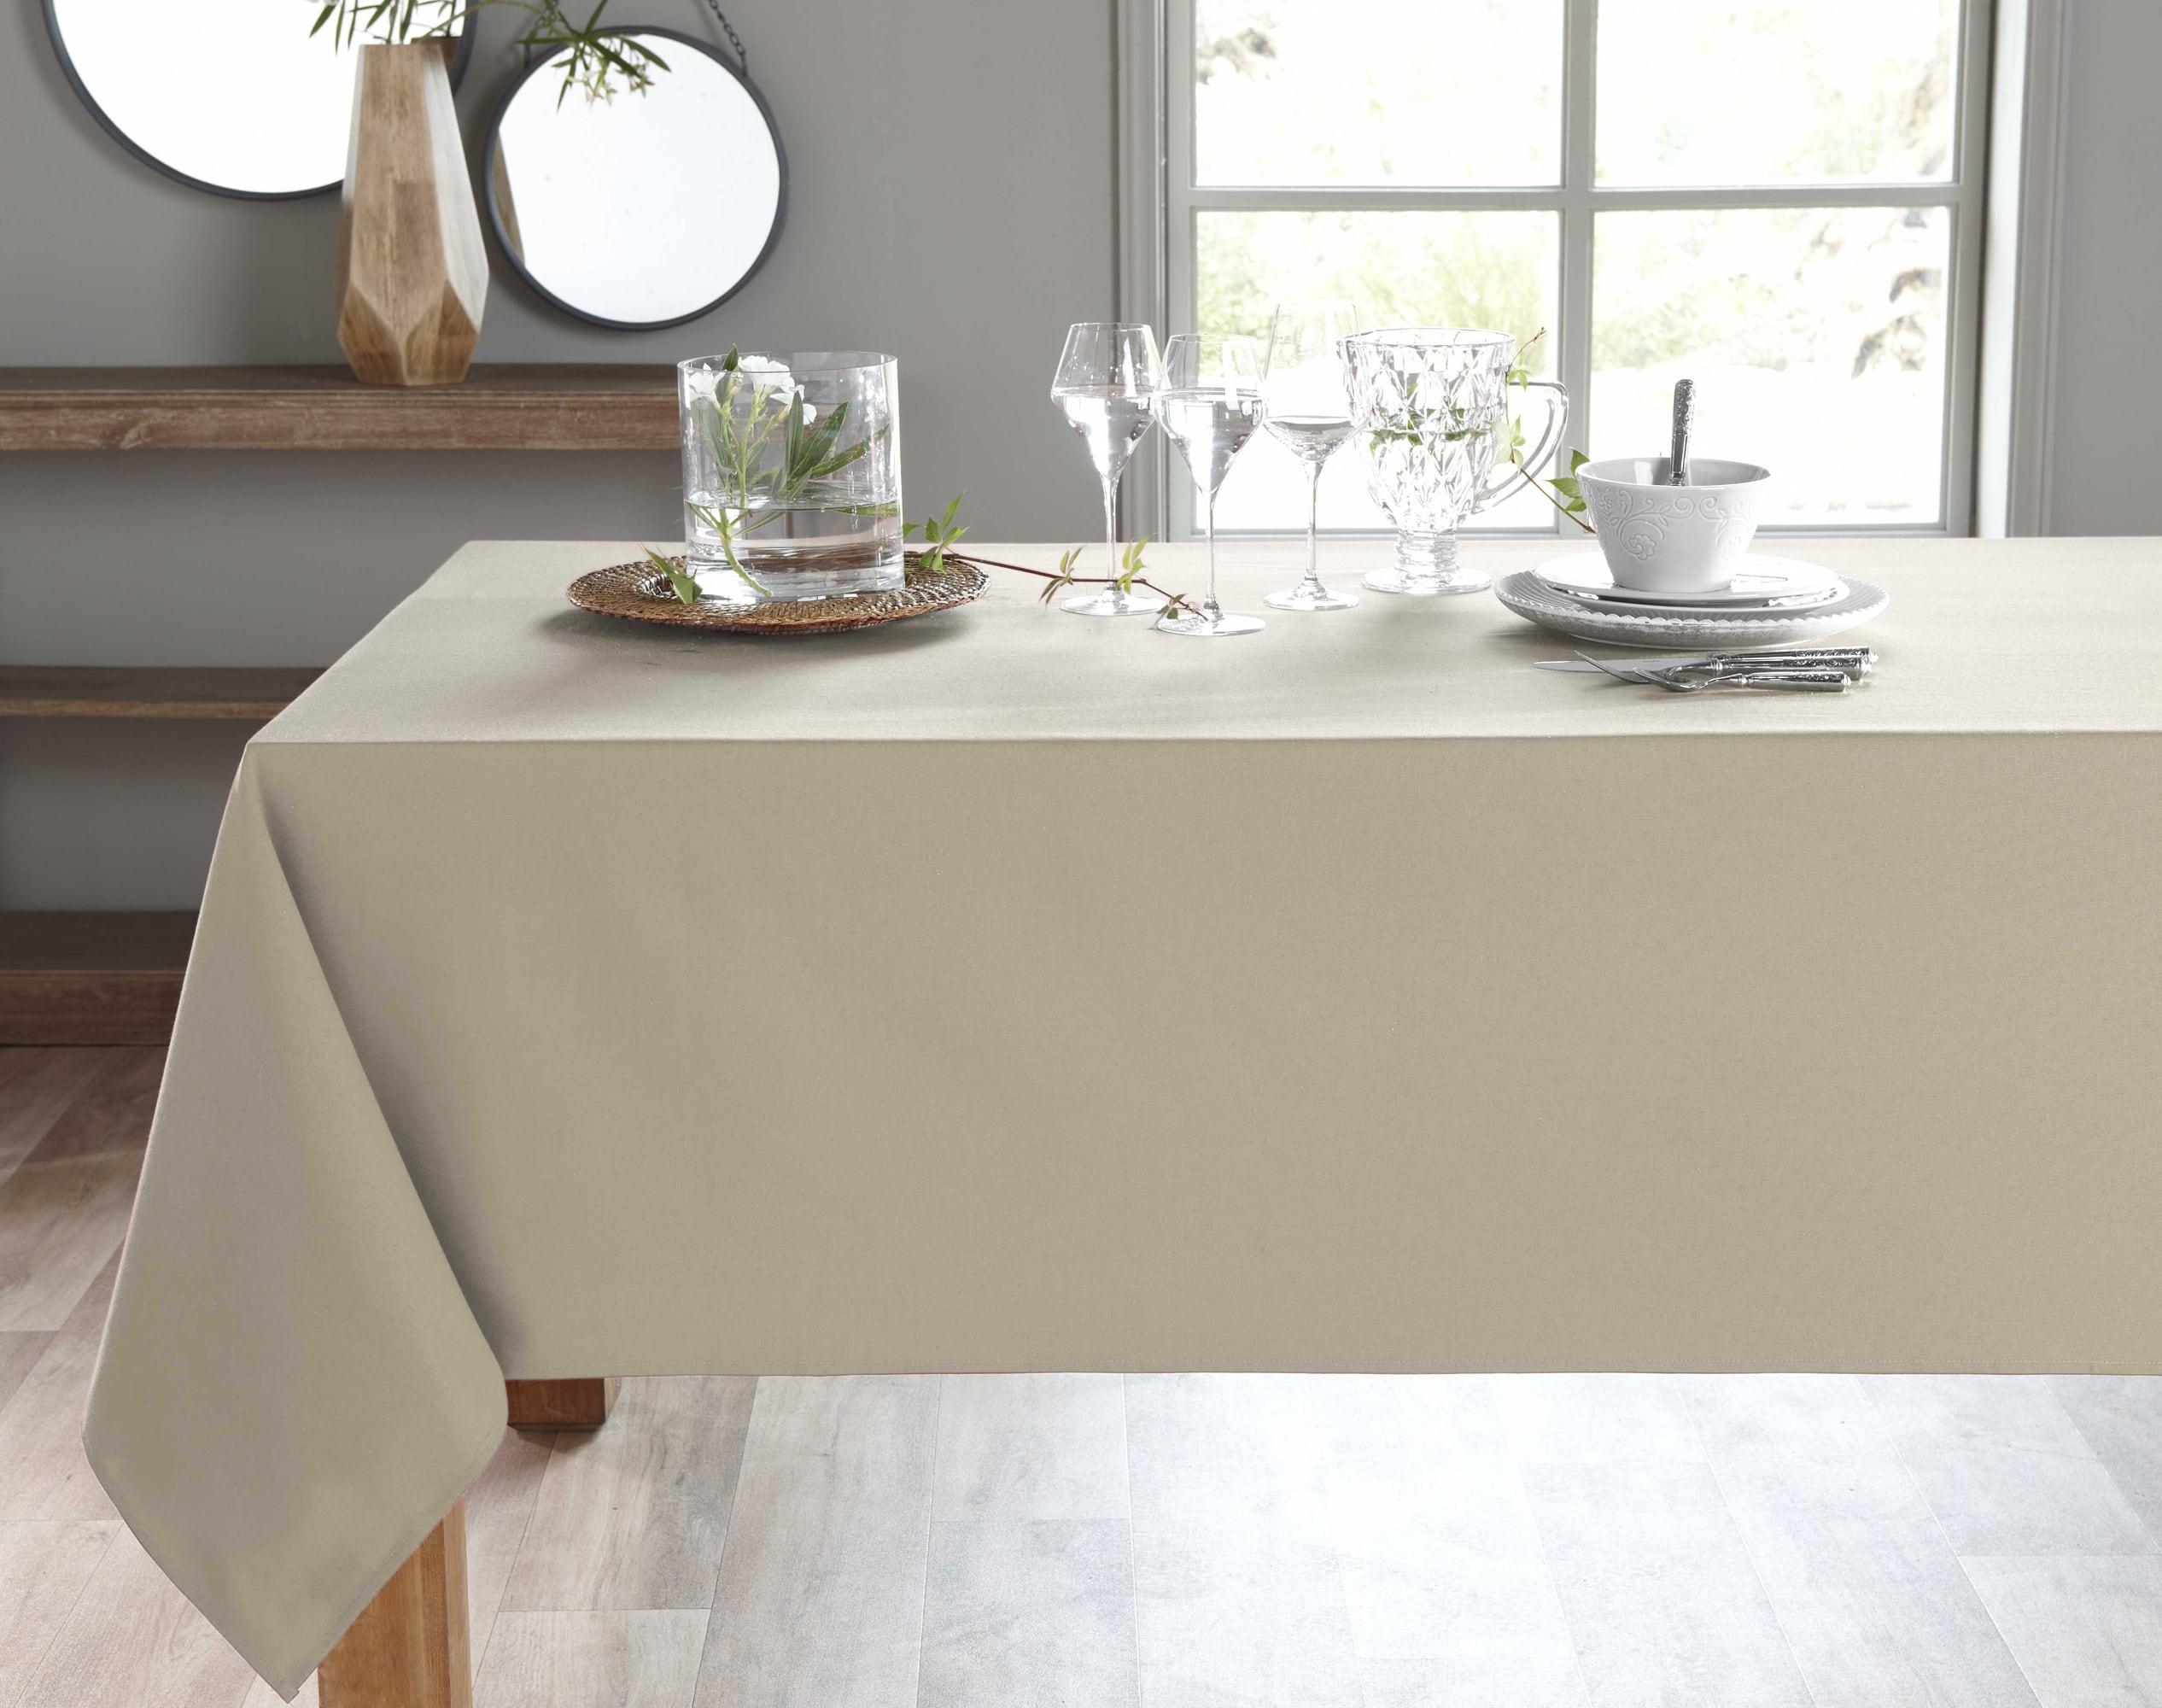 Nappe rectangulaire beige en coton 150x200